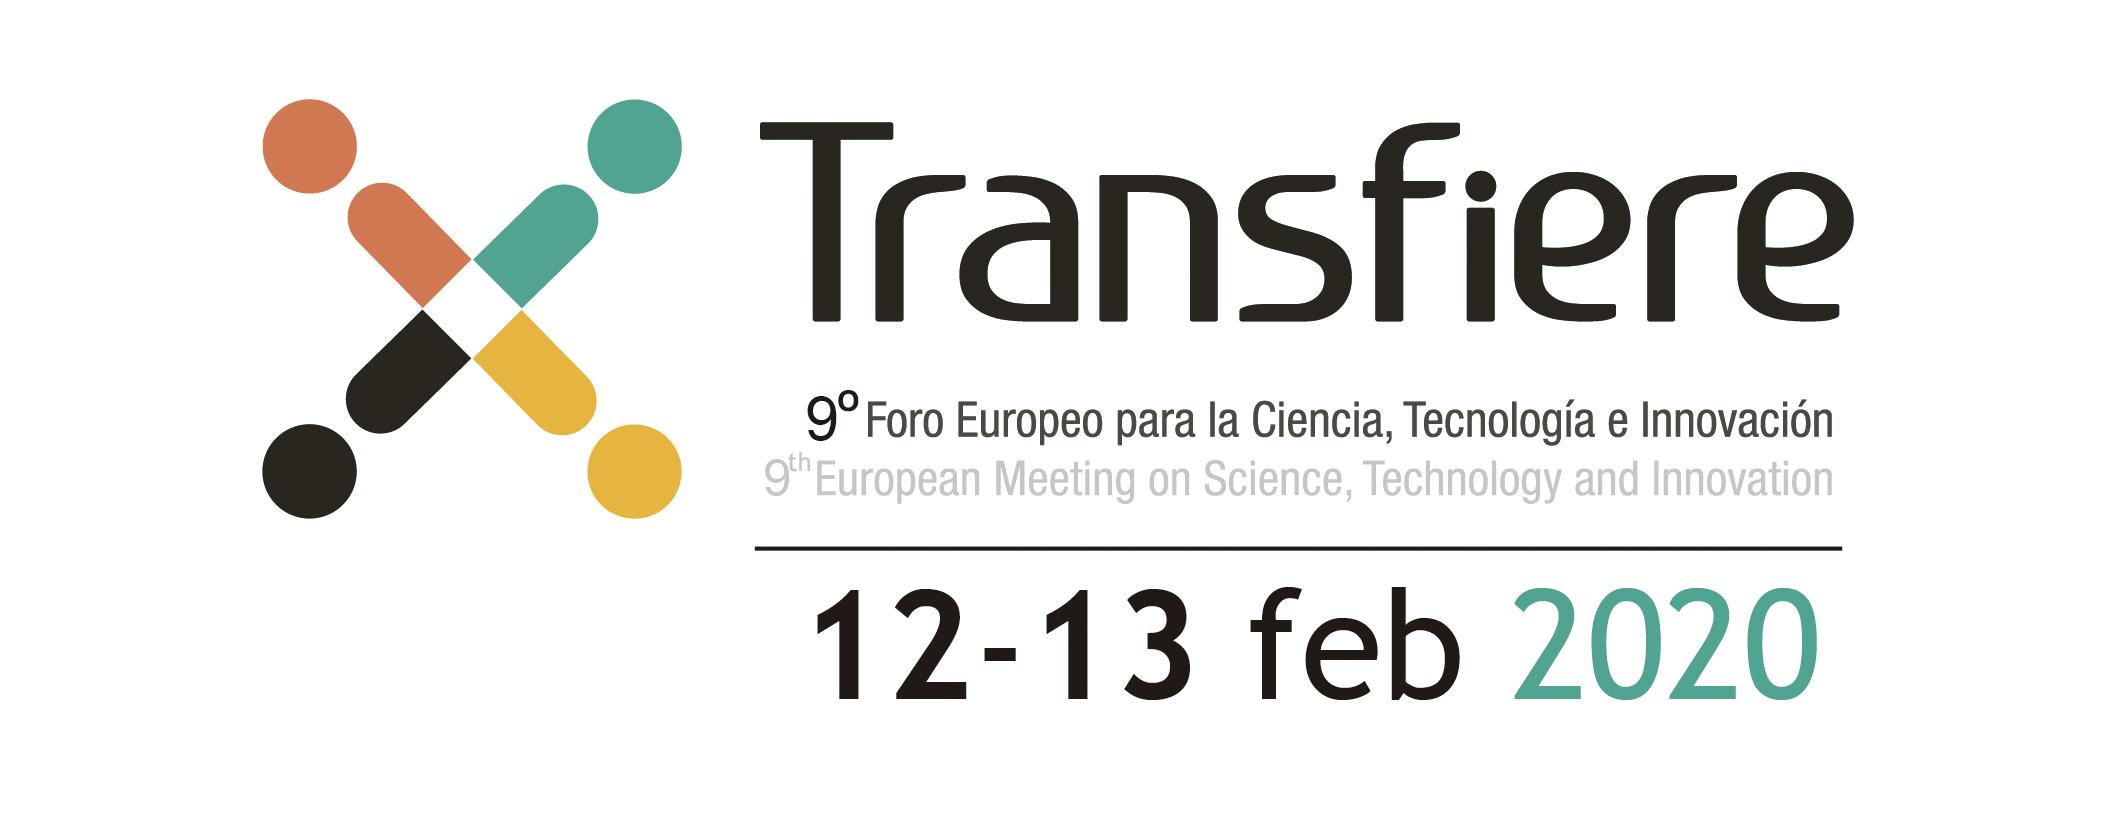 GEOPLAT participa en la novena edición del Foro Europeo para la Ciencia, Tecnología e Innovación – Transfiere 2020